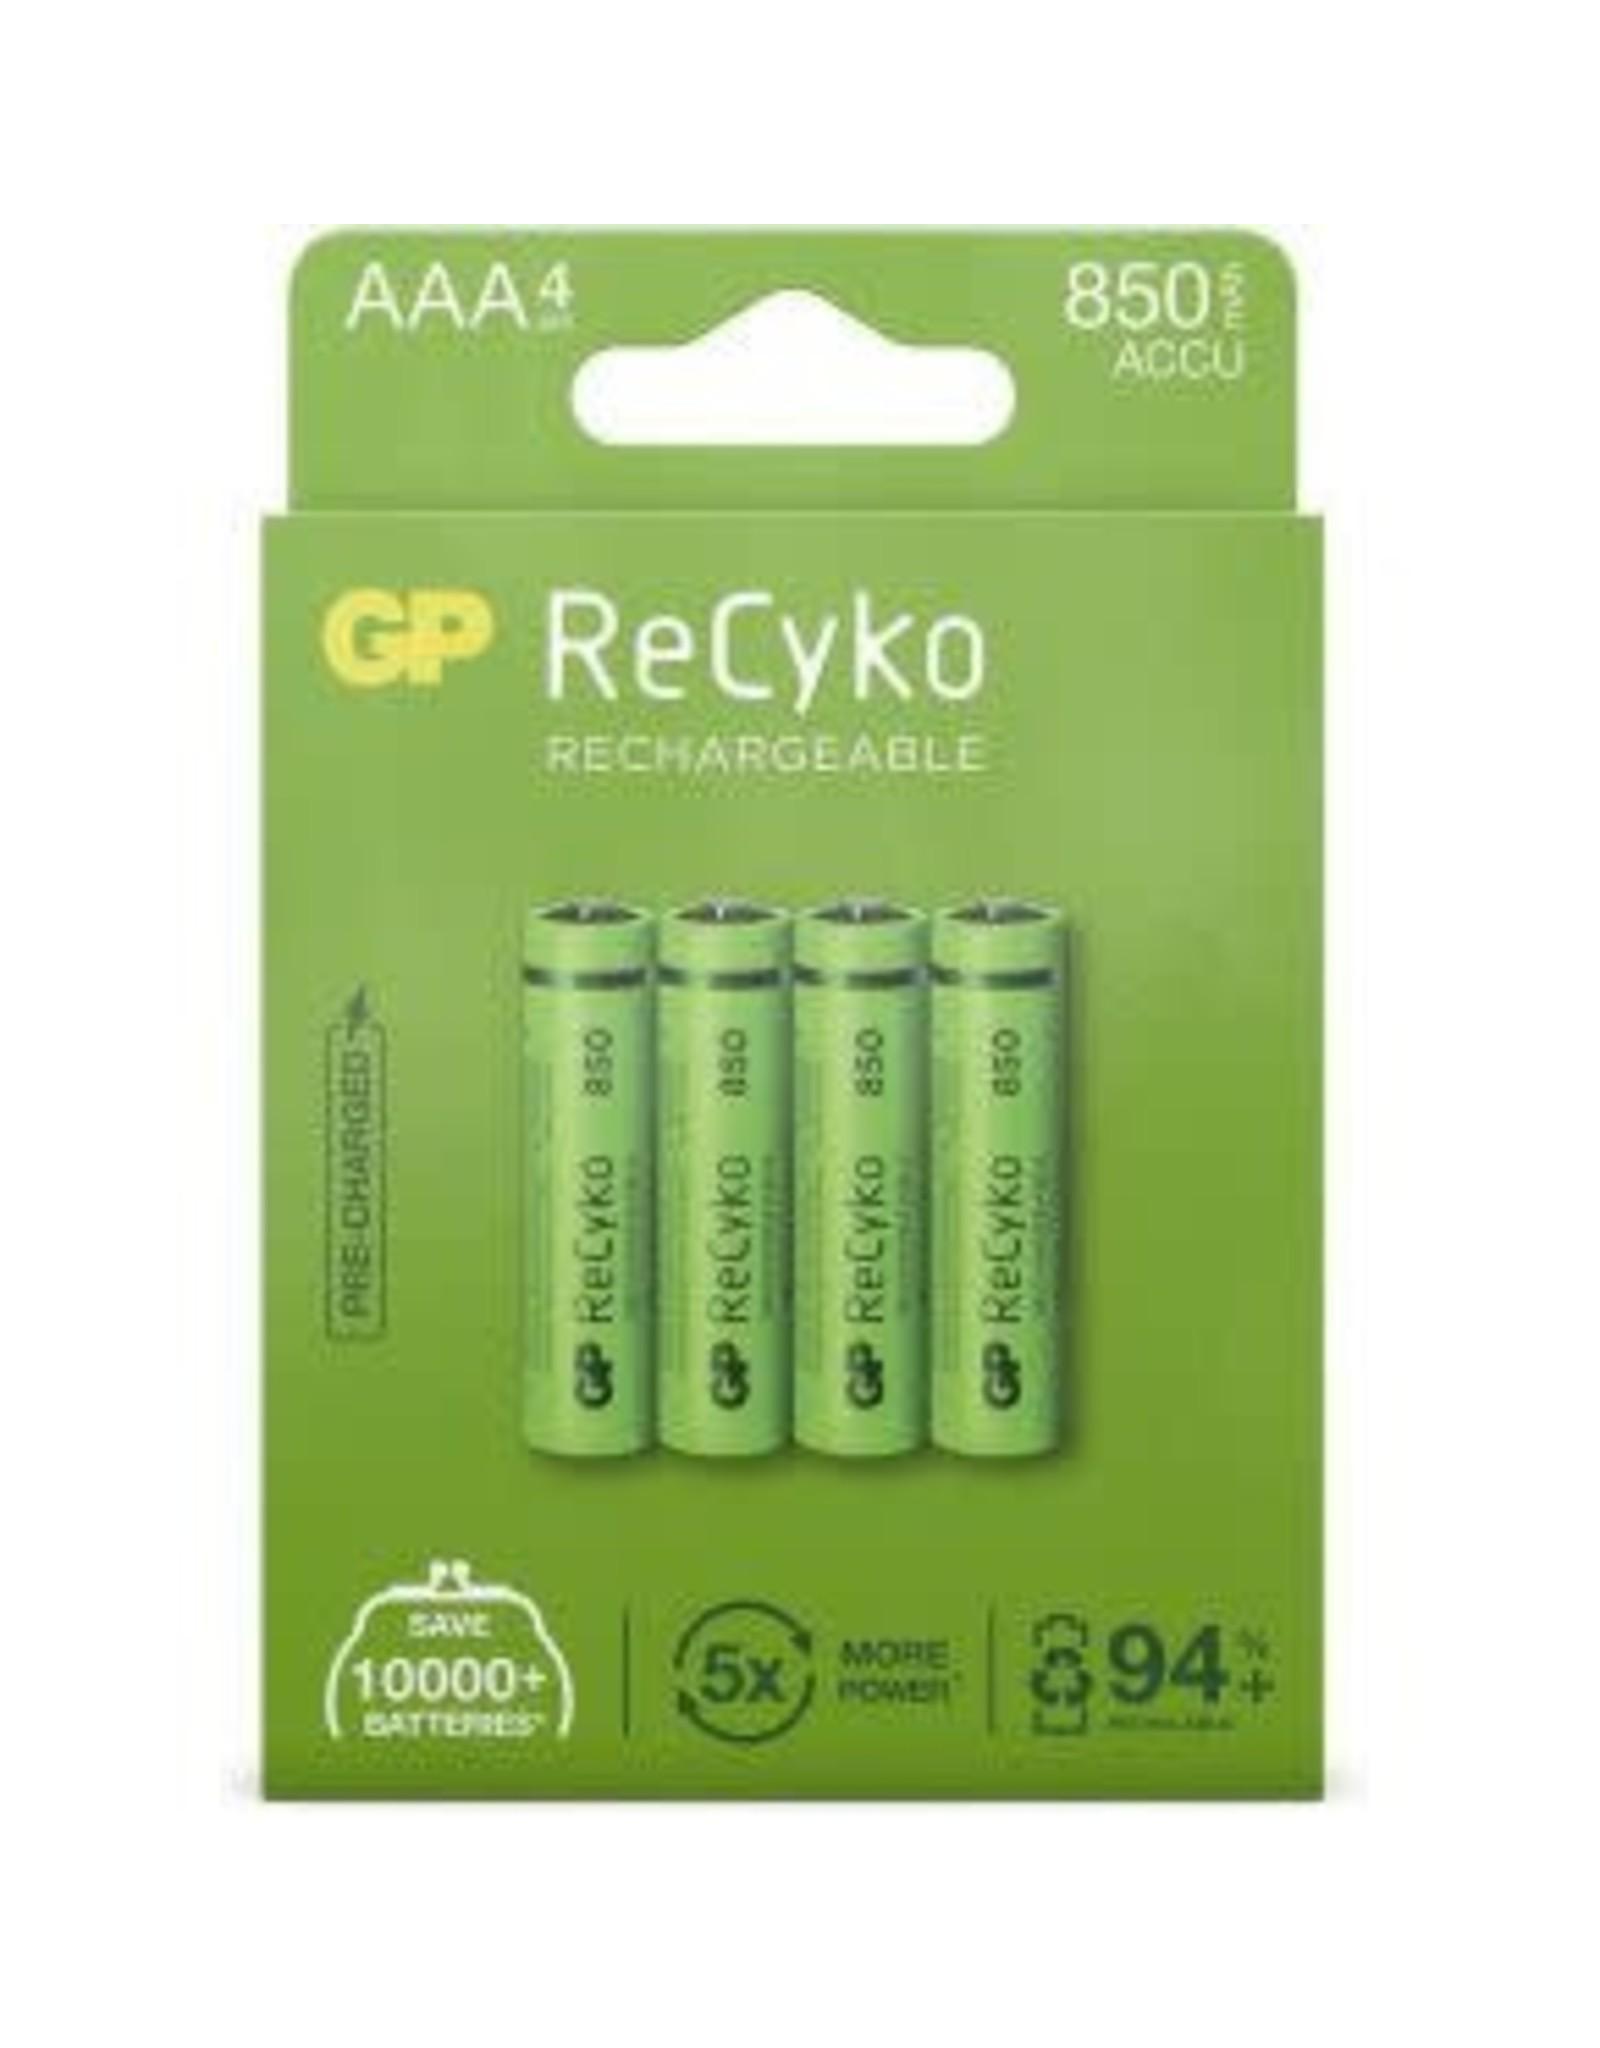 1x4 GP ReCyko NiMH Accu AAA 850mAH. ready to use